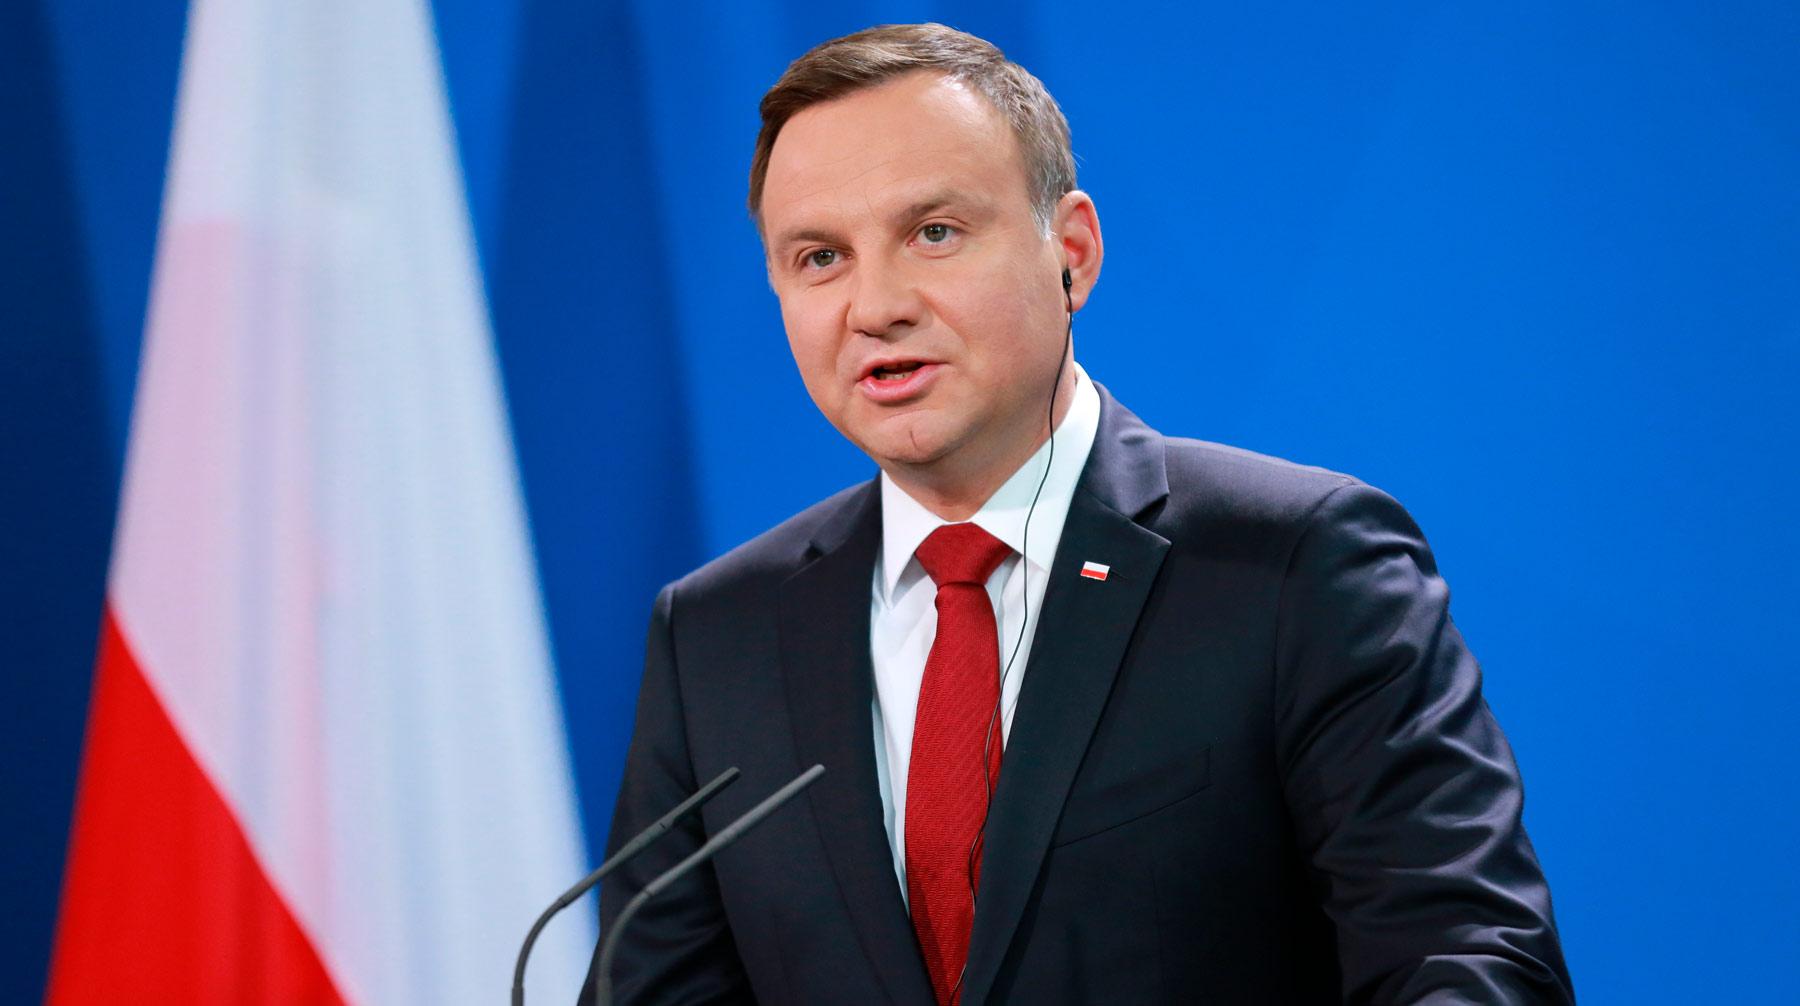 ВПольше утвердили стратегию нацбезопасности, РФ— главная угроза